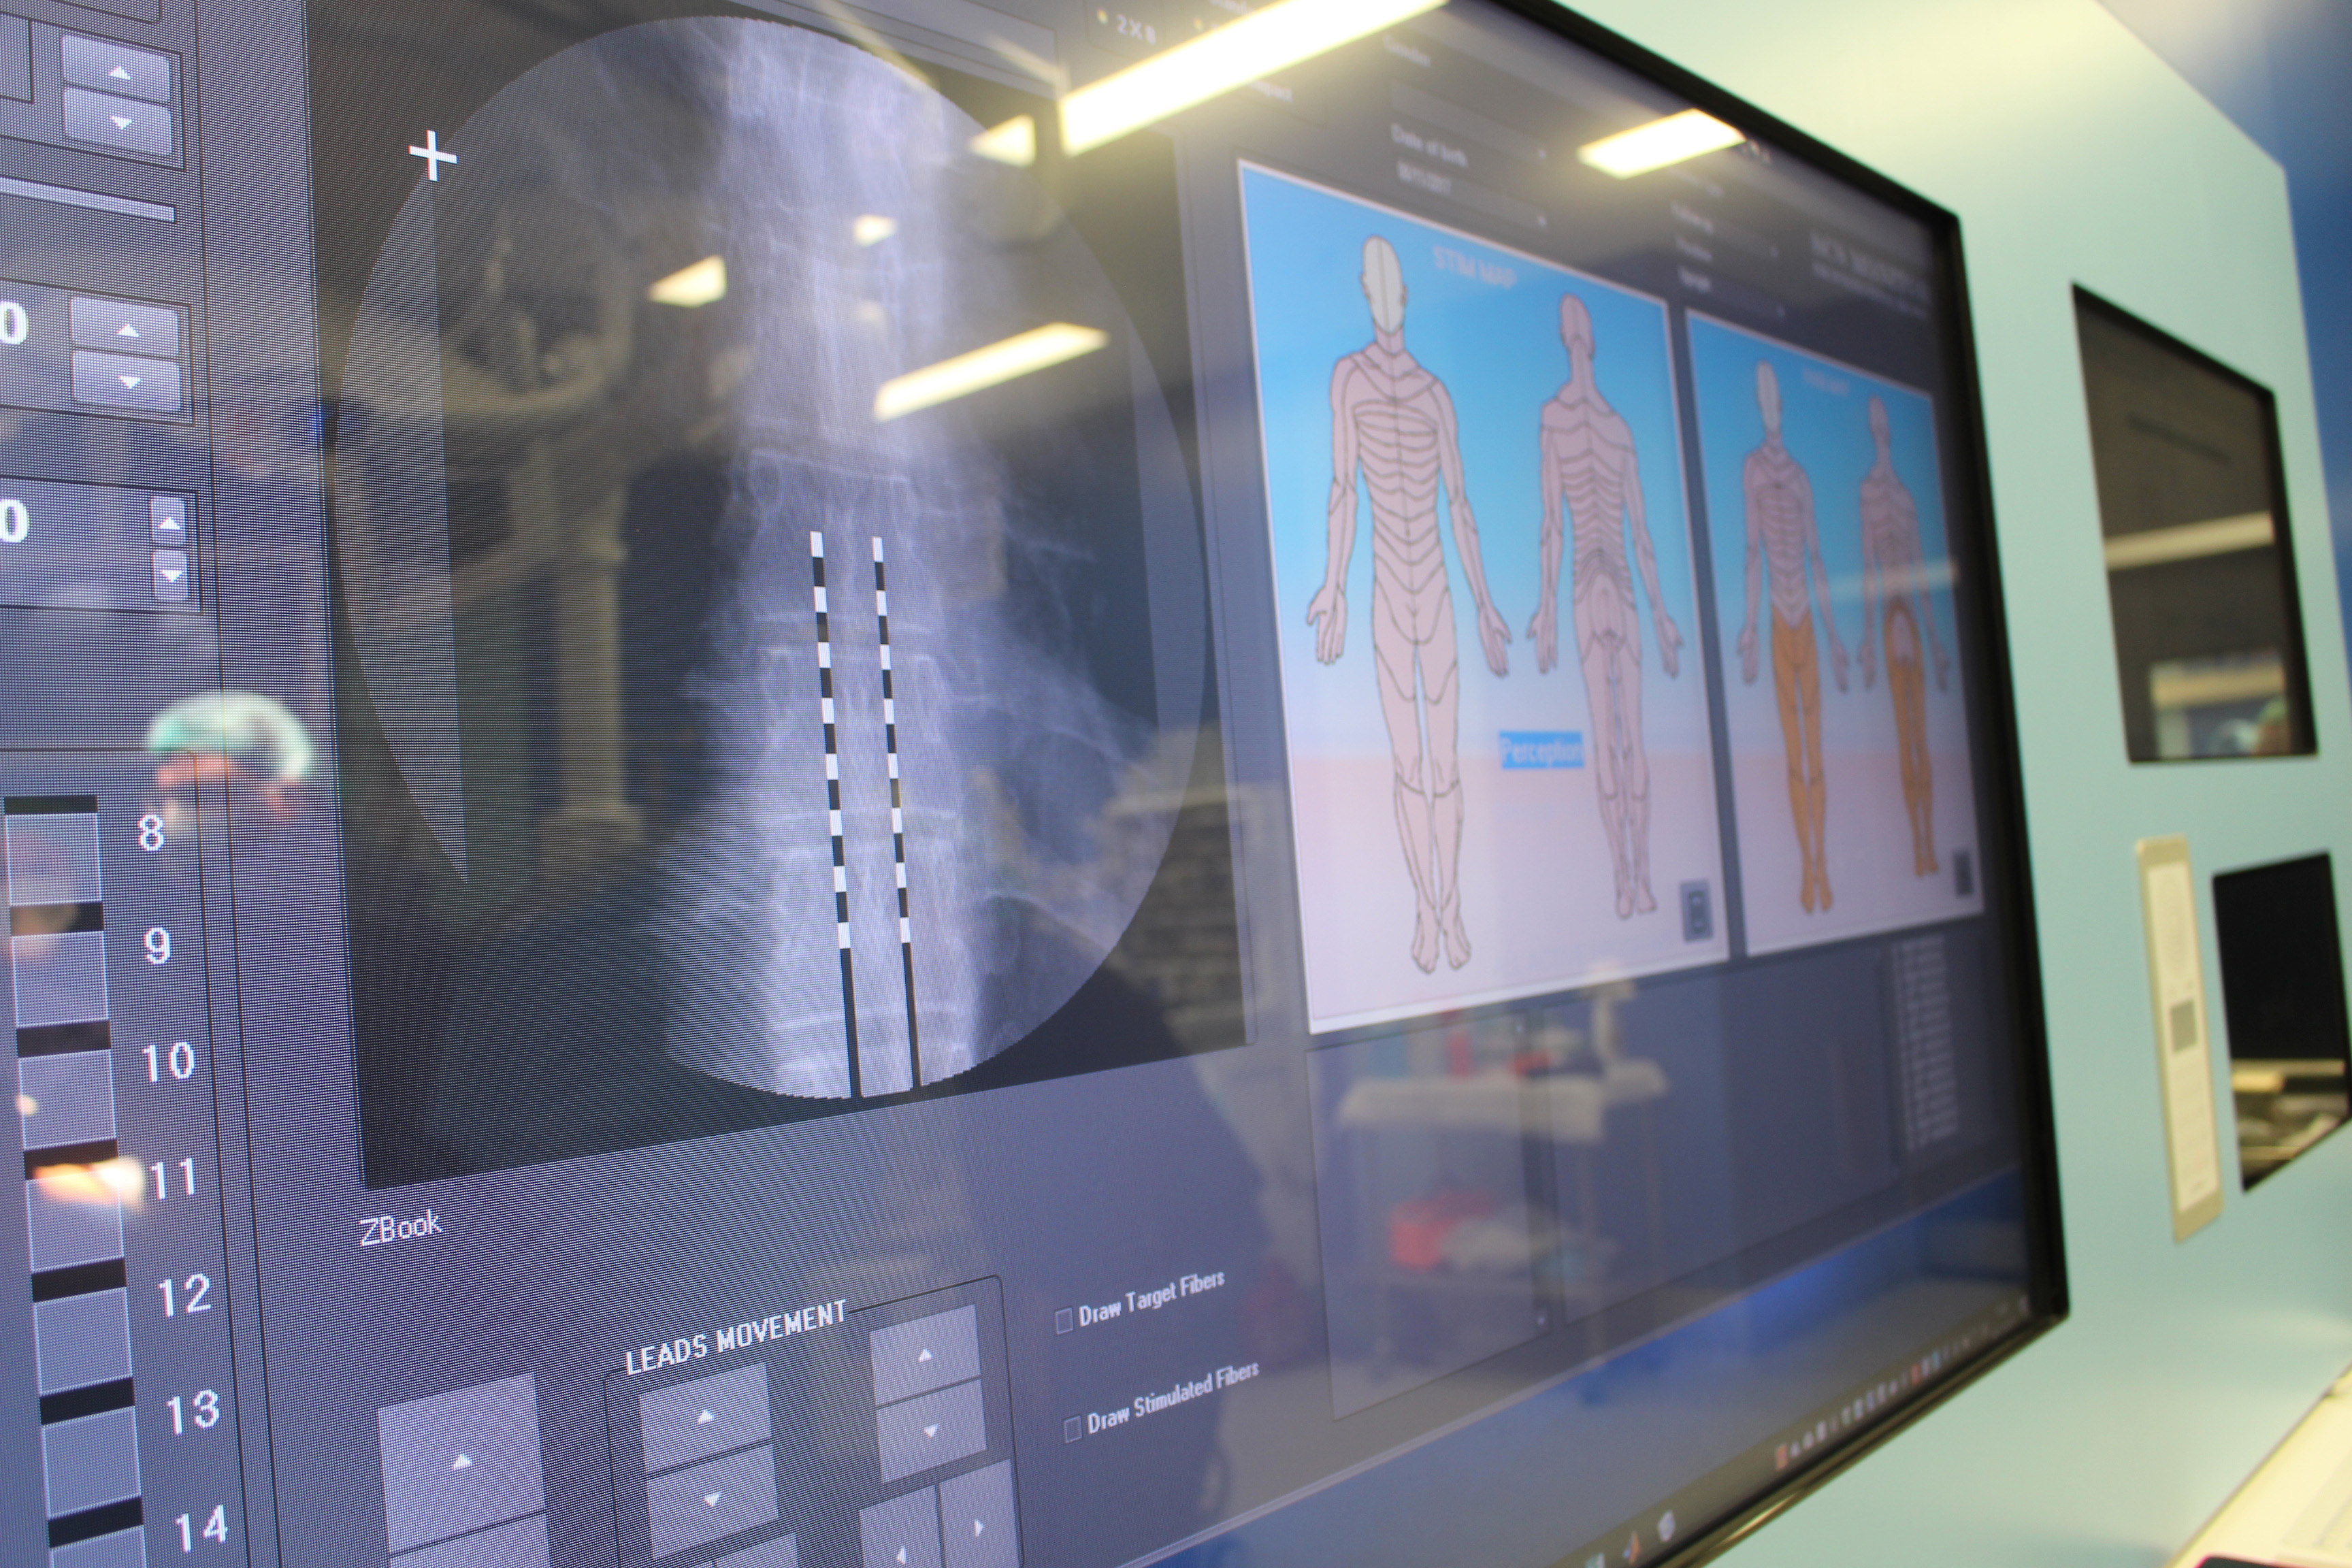 2017 11 08 Intervencion neuroestimulador pantalla CHGUV